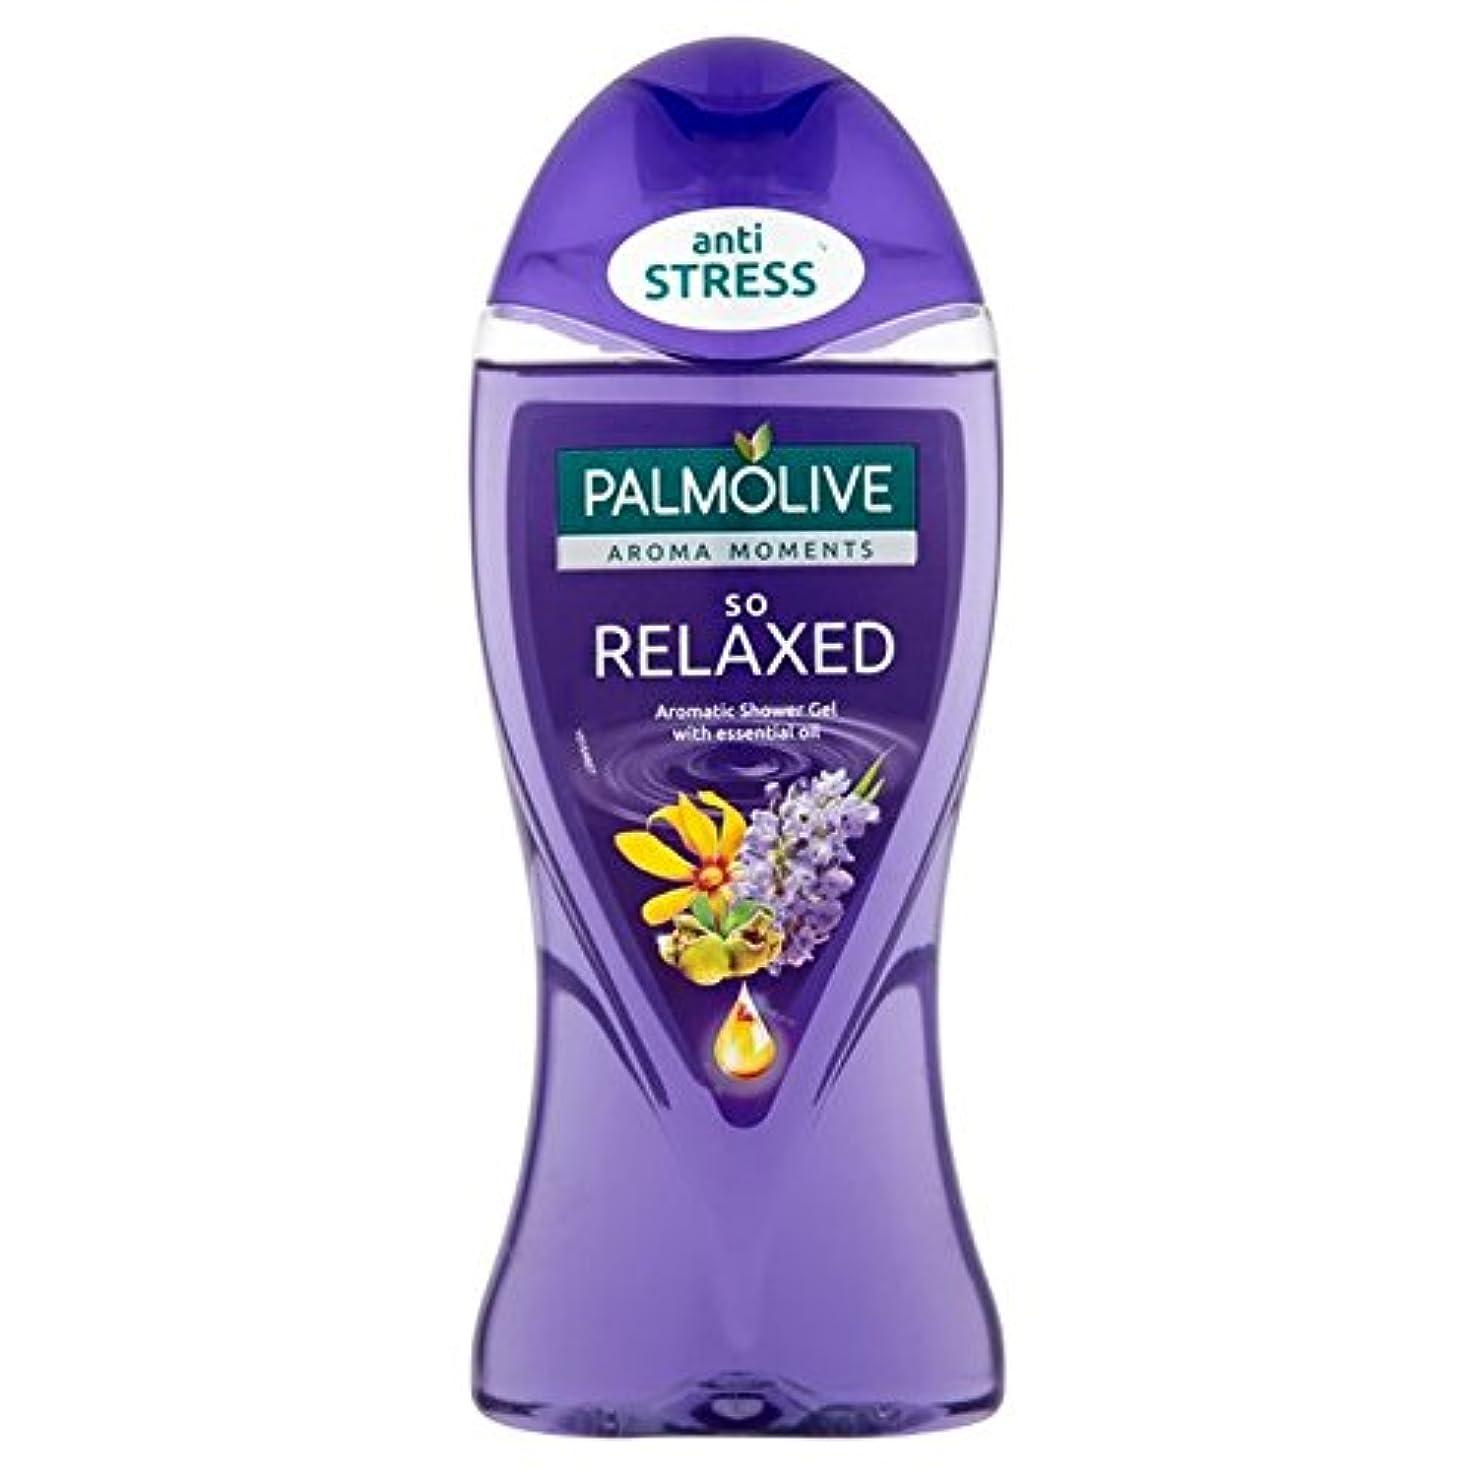 少ないぼかし休憩するパルモシャワージェルリラックスした250ミリリットル x4 - Palmolive Shower Gel Relaxed 250ml (Pack of 4) [並行輸入品]